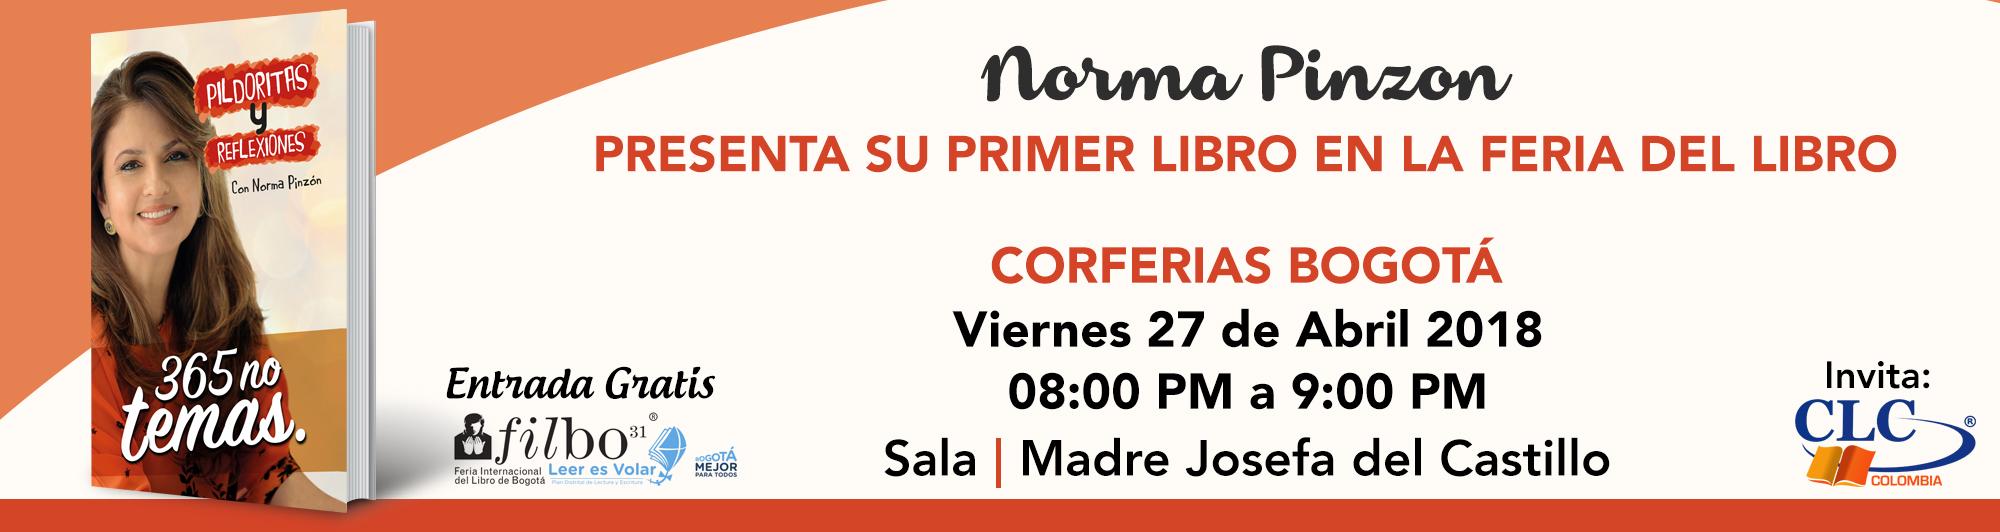 Norma Pinzon banner web